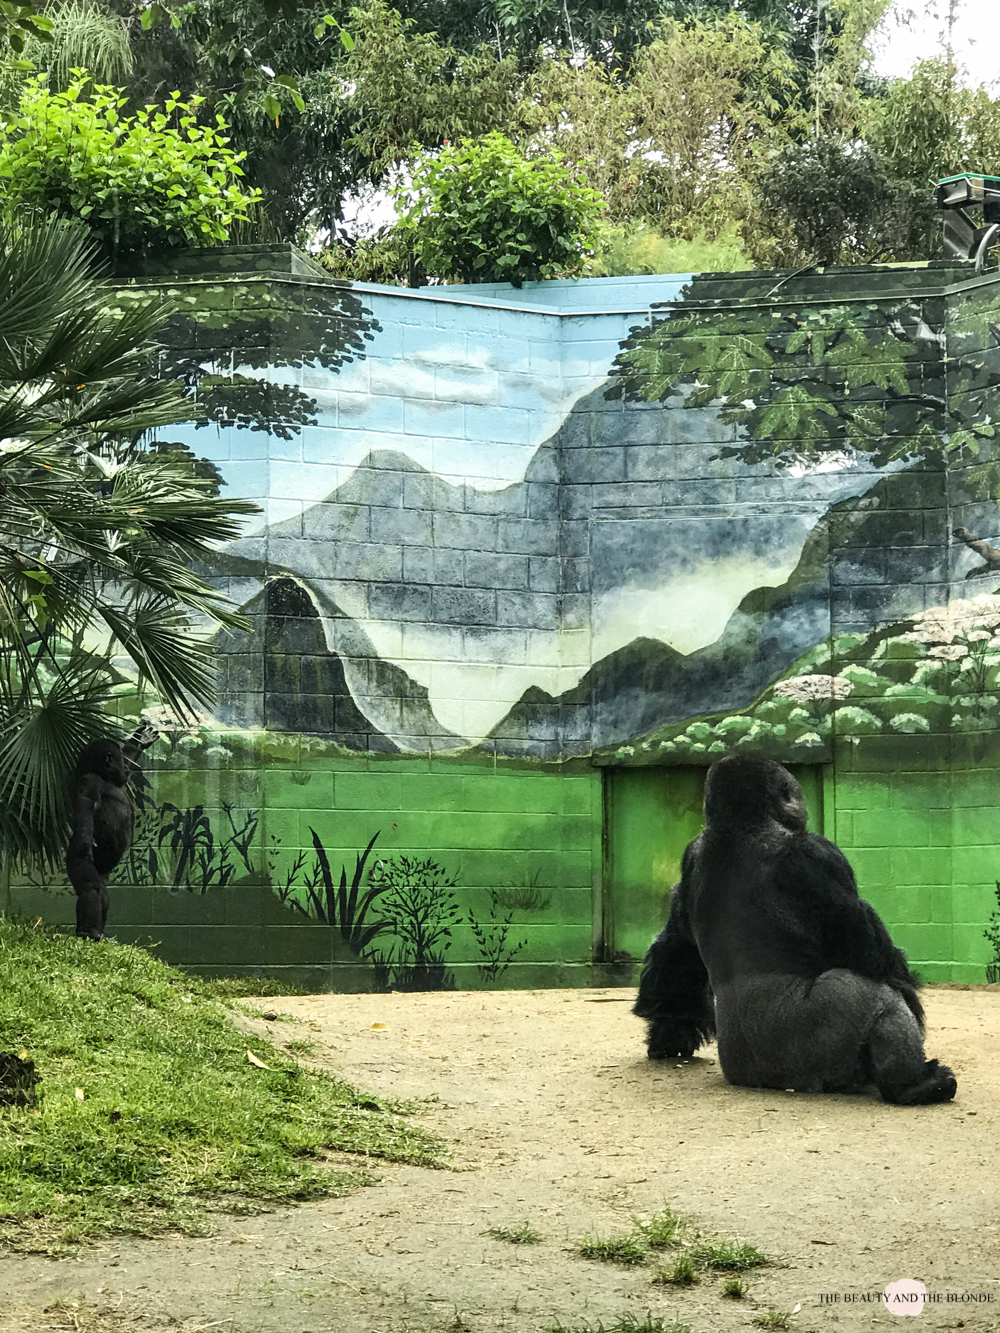 San Diego Zoo Gorilla Westcoast USA Roadtrip